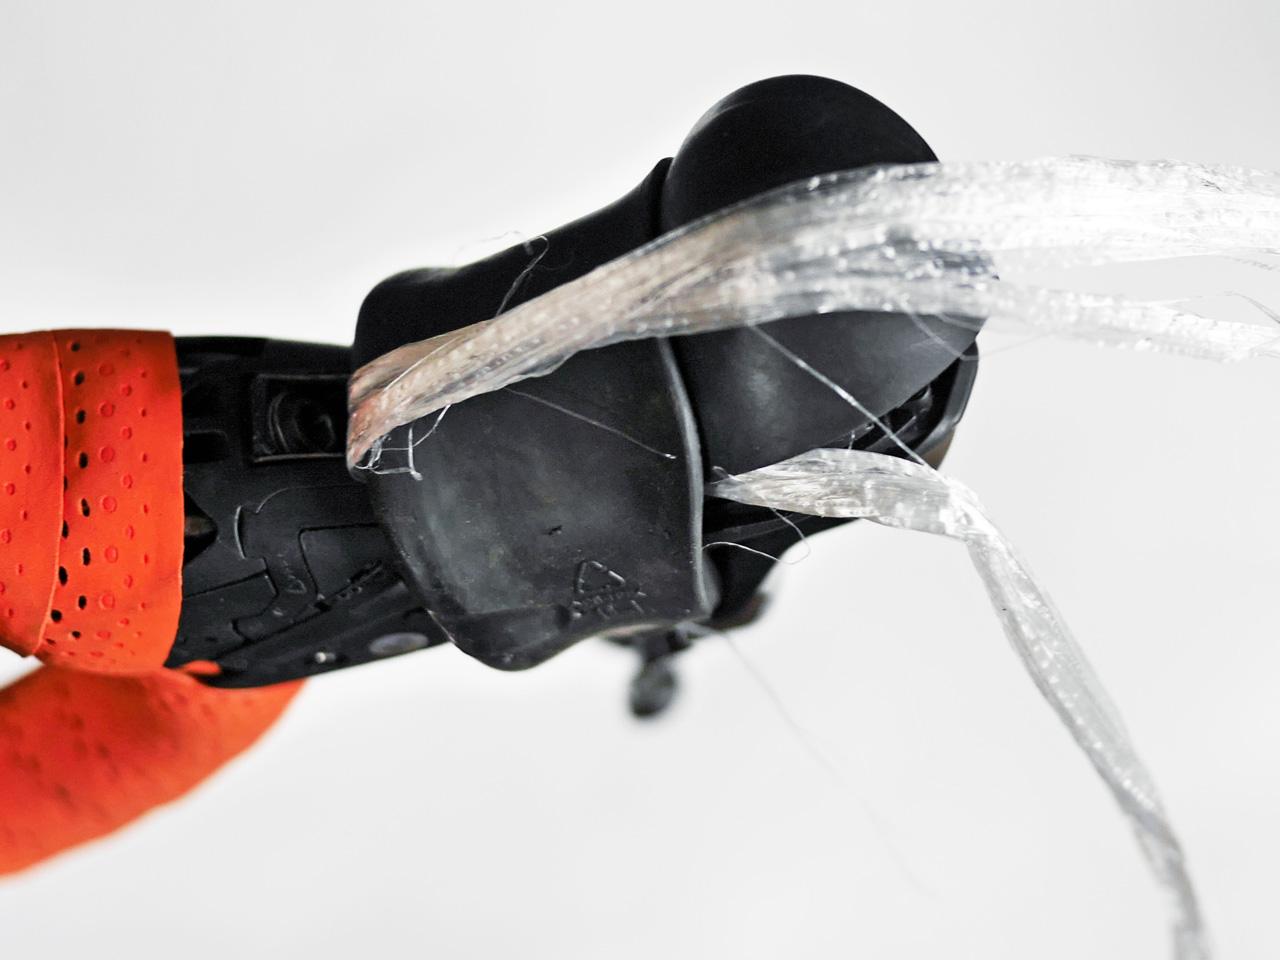 ブラケットカバーの隙間にビニール荷紐を通して引っ張る